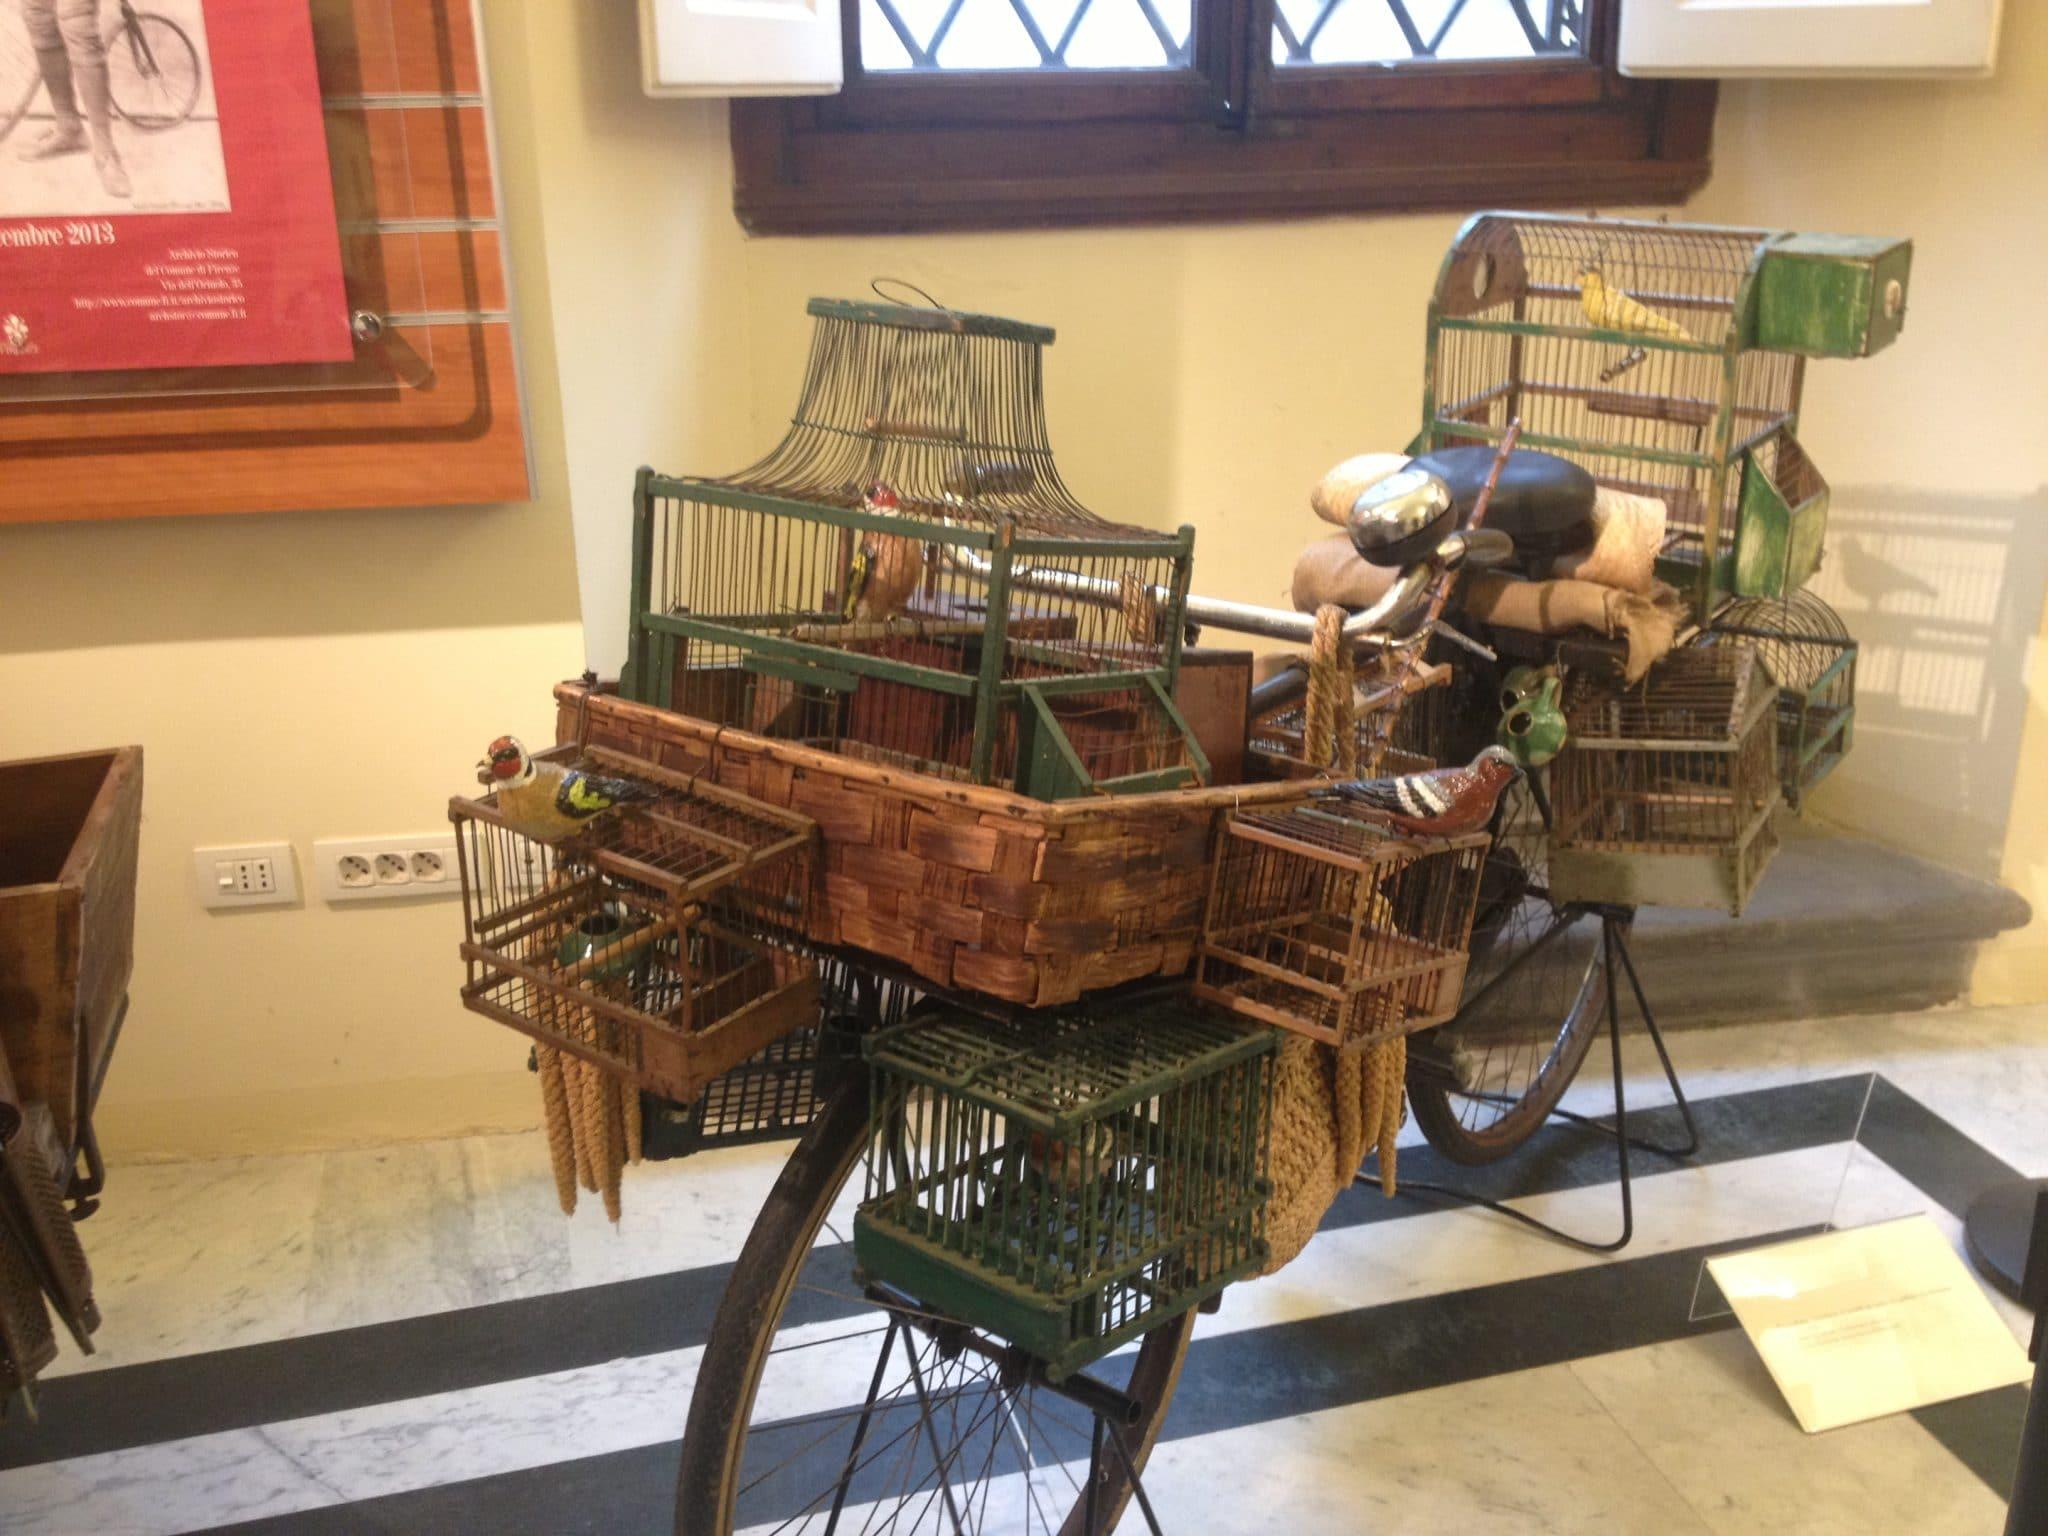 La bicicletta dell'uccellaio